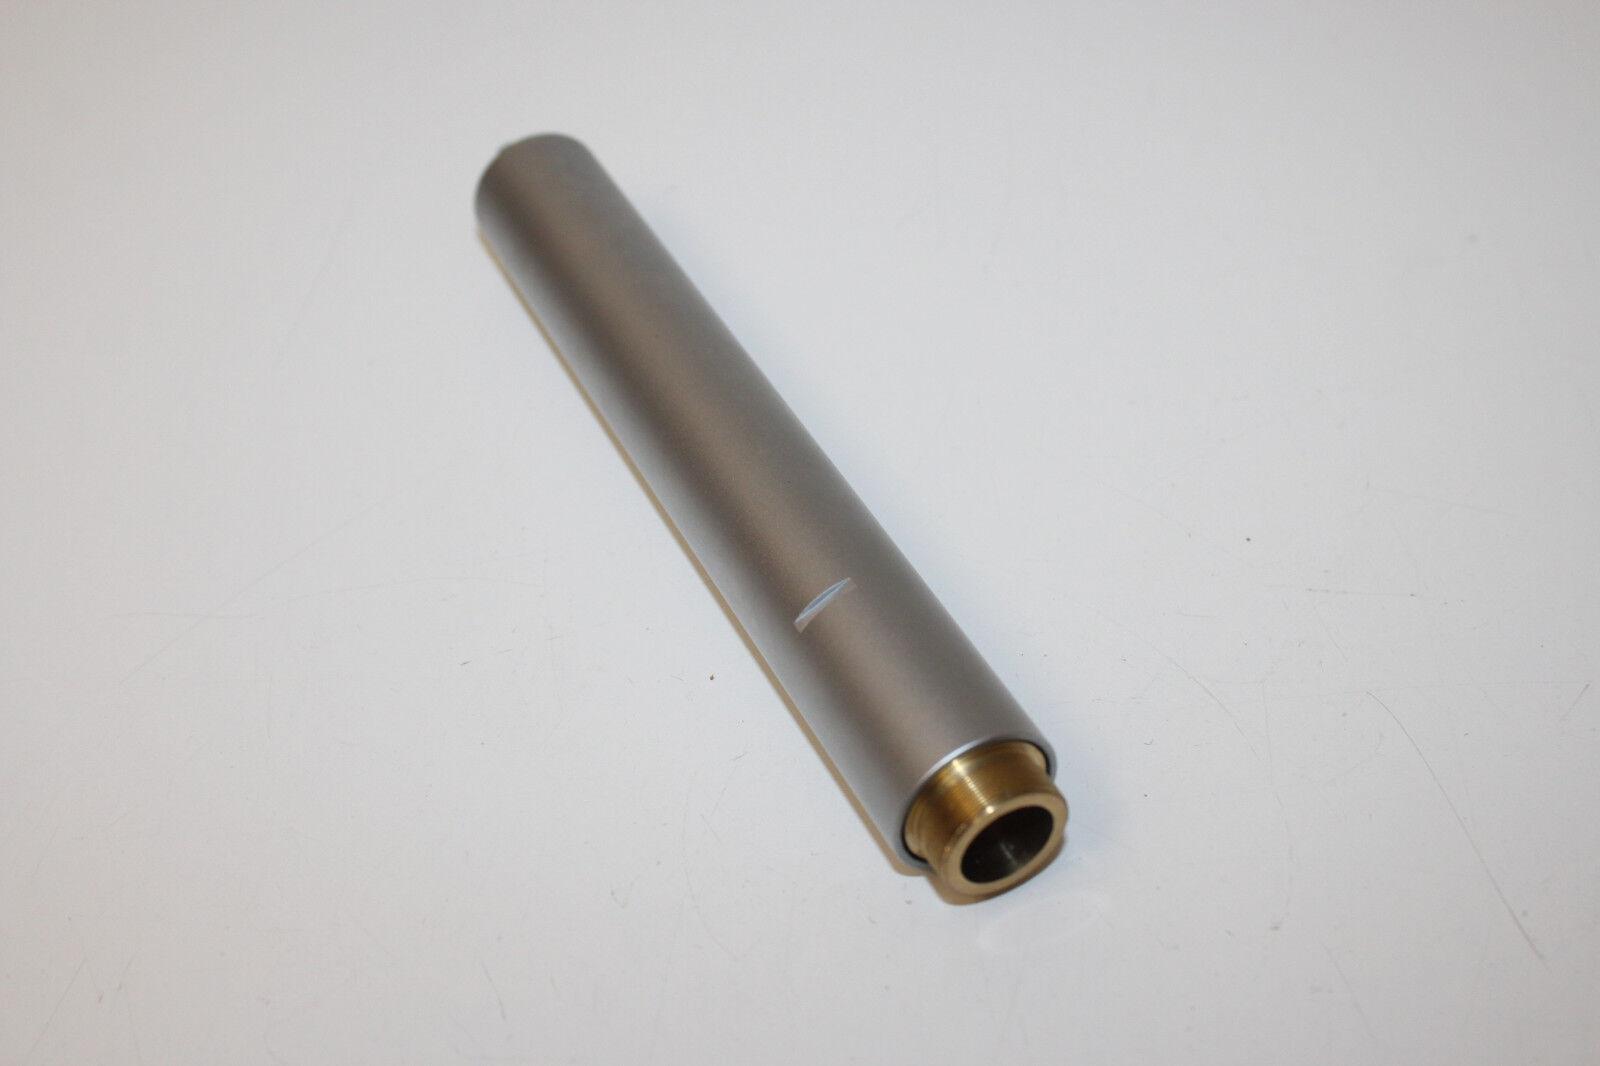 Innenmikrometer Verlängerung 150mm Gewinde-Ø ca. 18mm Nr. Nr. Nr. 157 59 | Ausgezeichnet  | Ausgang  | Elegante Und Stabile Verpackung  05dca3